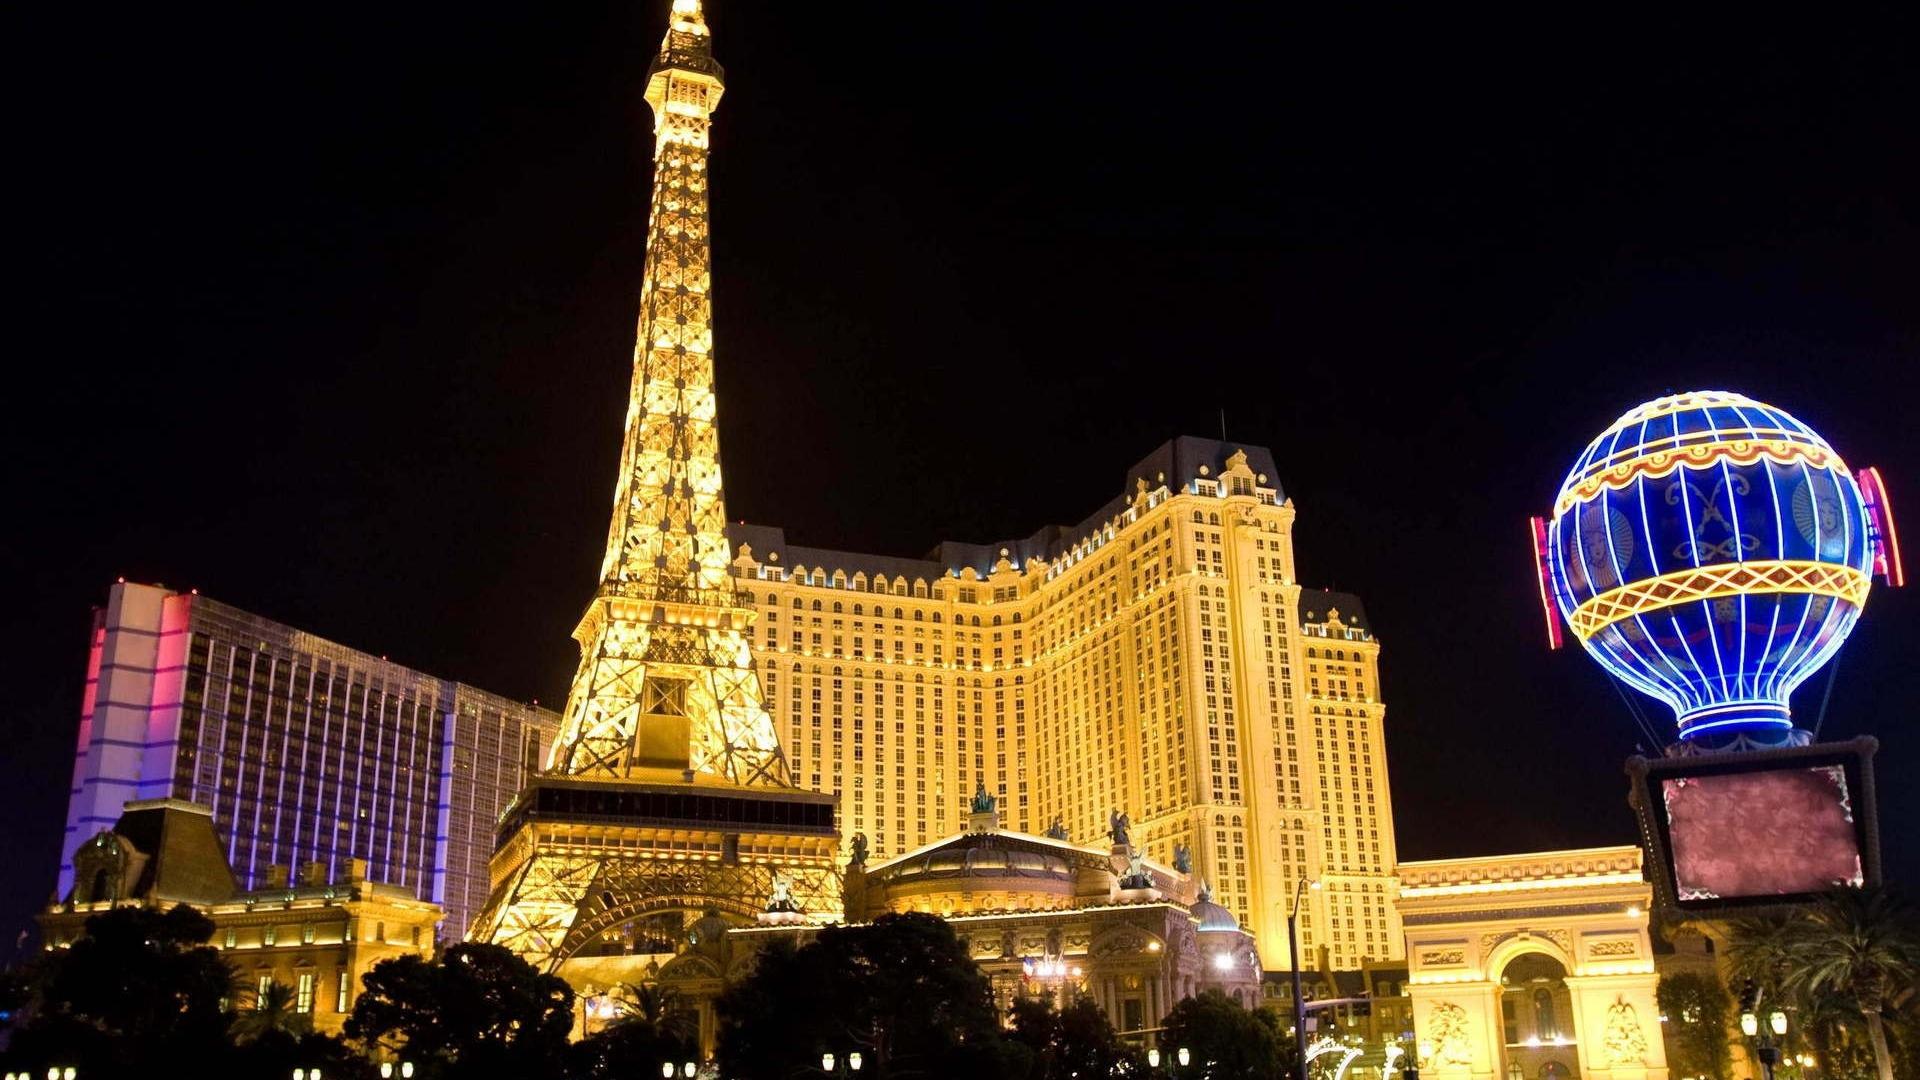 Download Wallpaper 1920x1080 Las Vegas Buildings Night